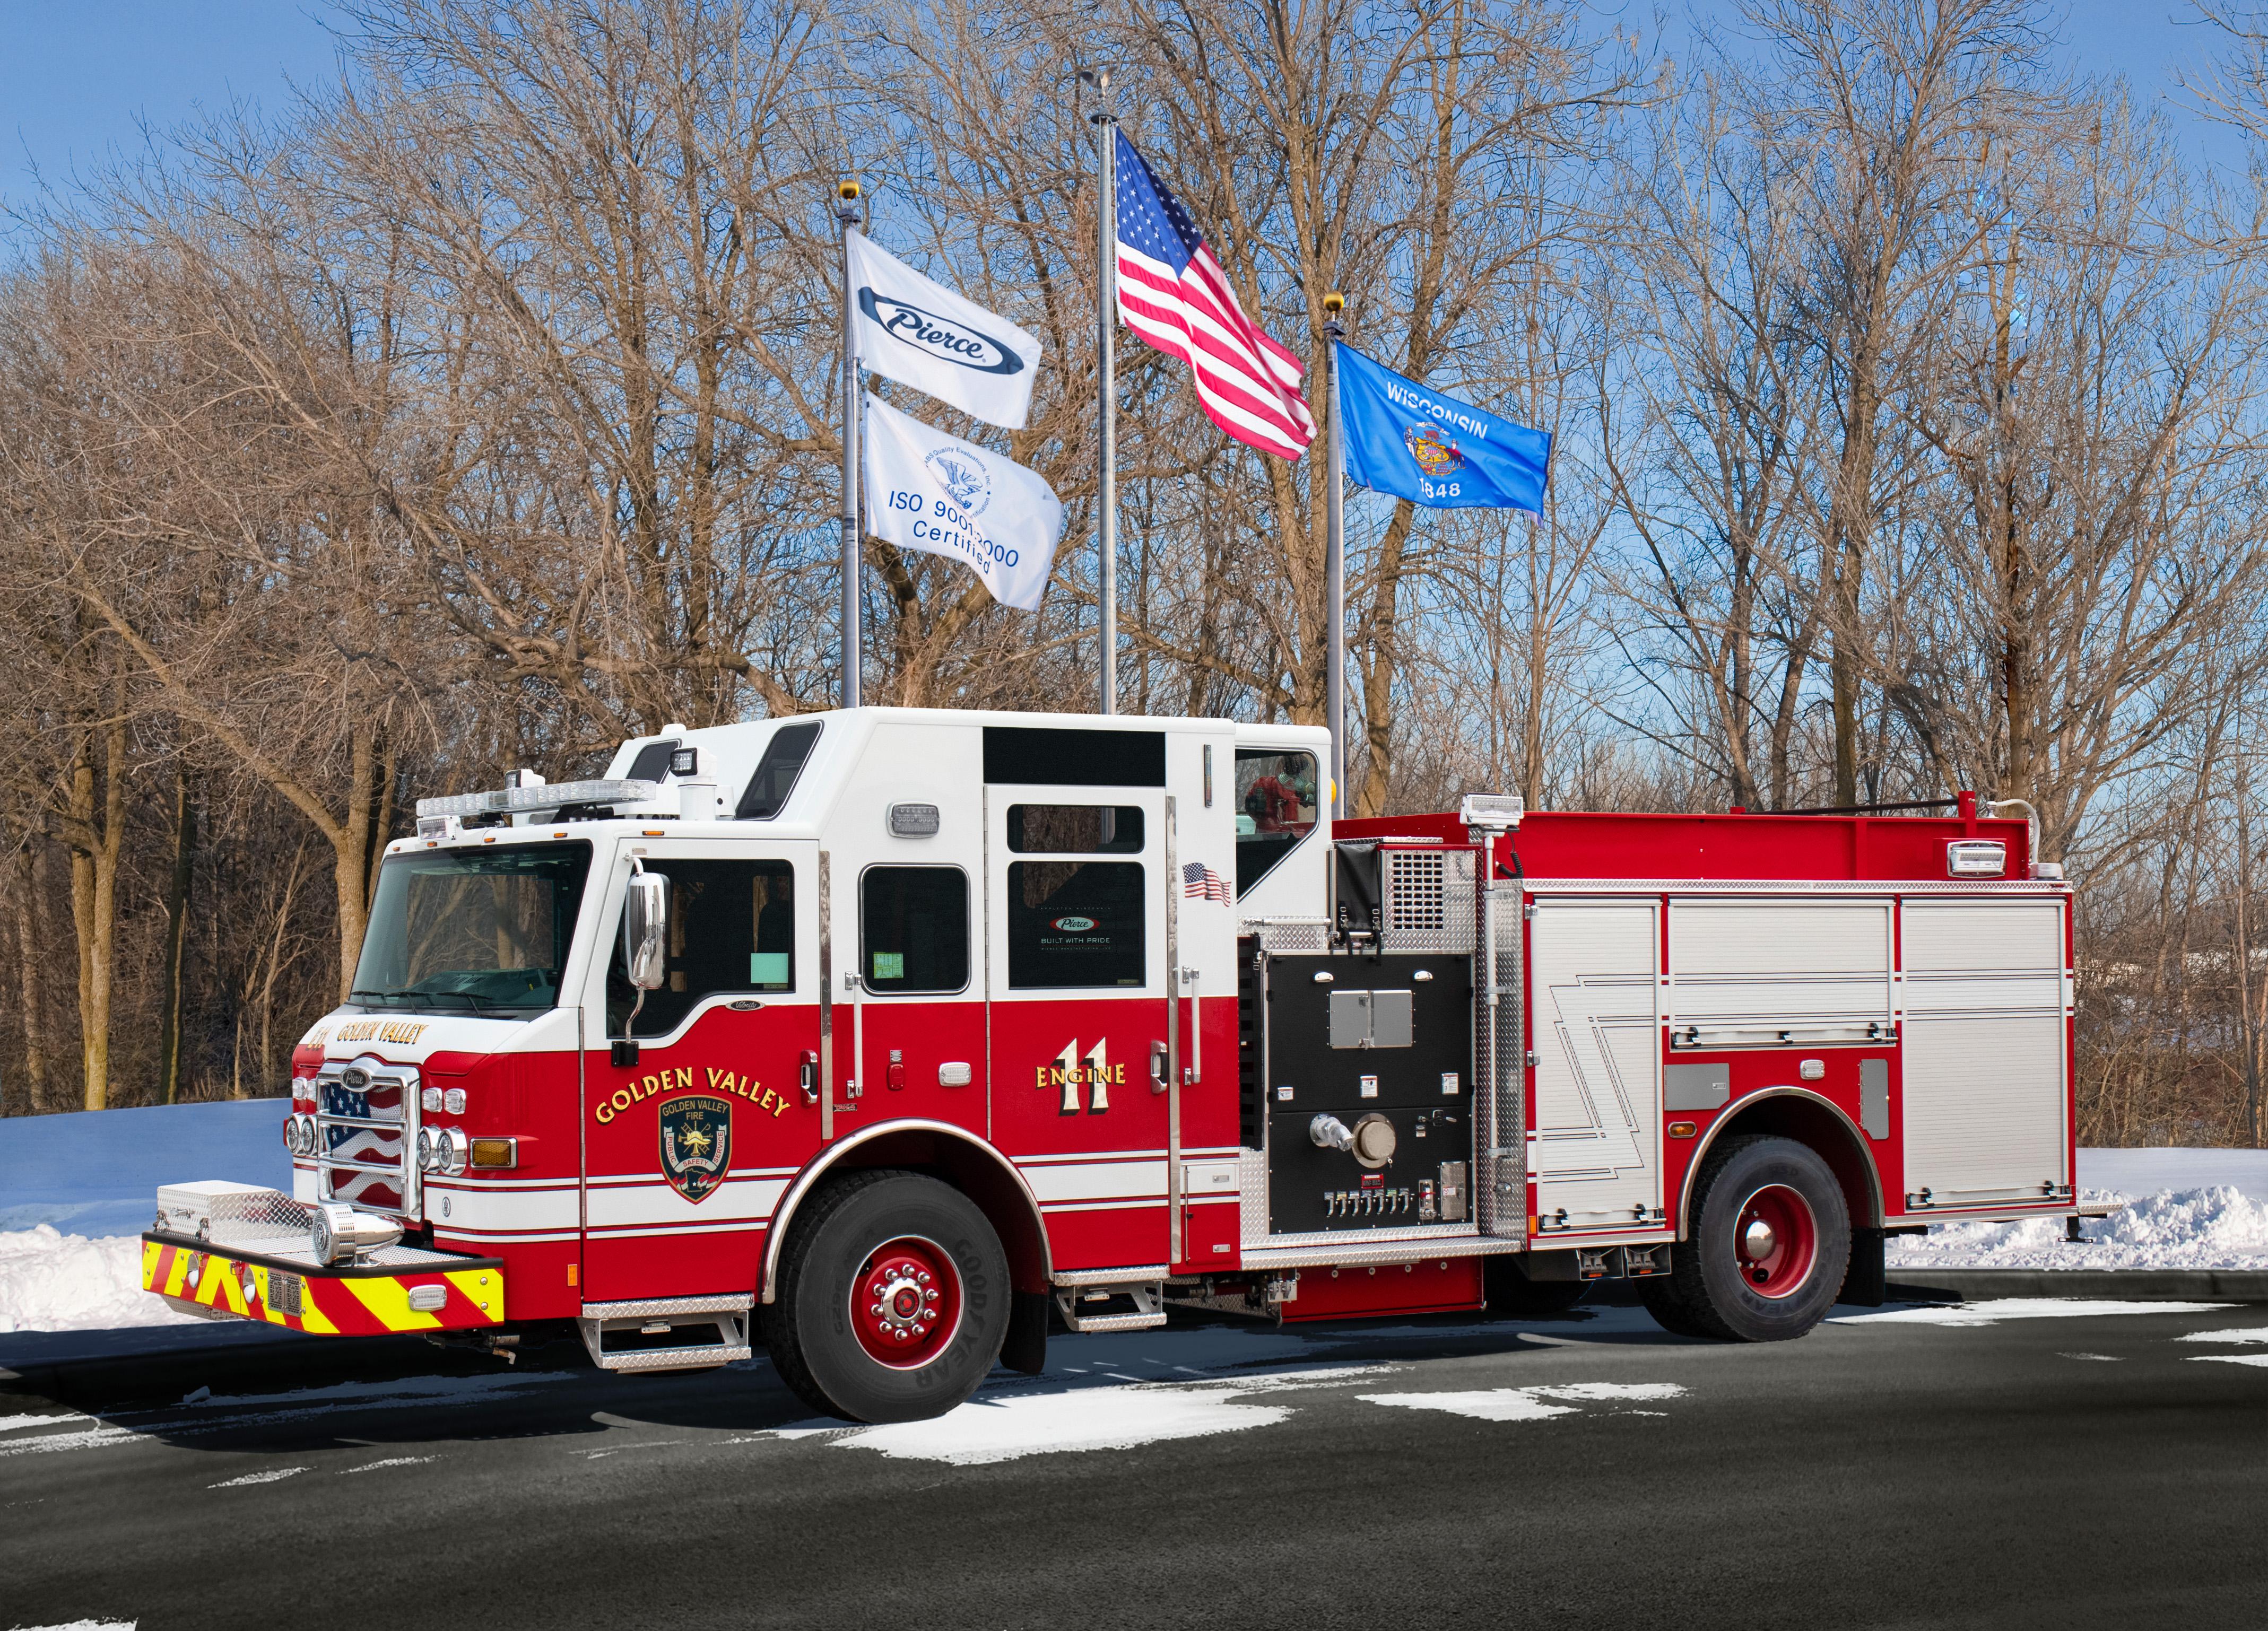 Golden Valley Fire Department - Pumper